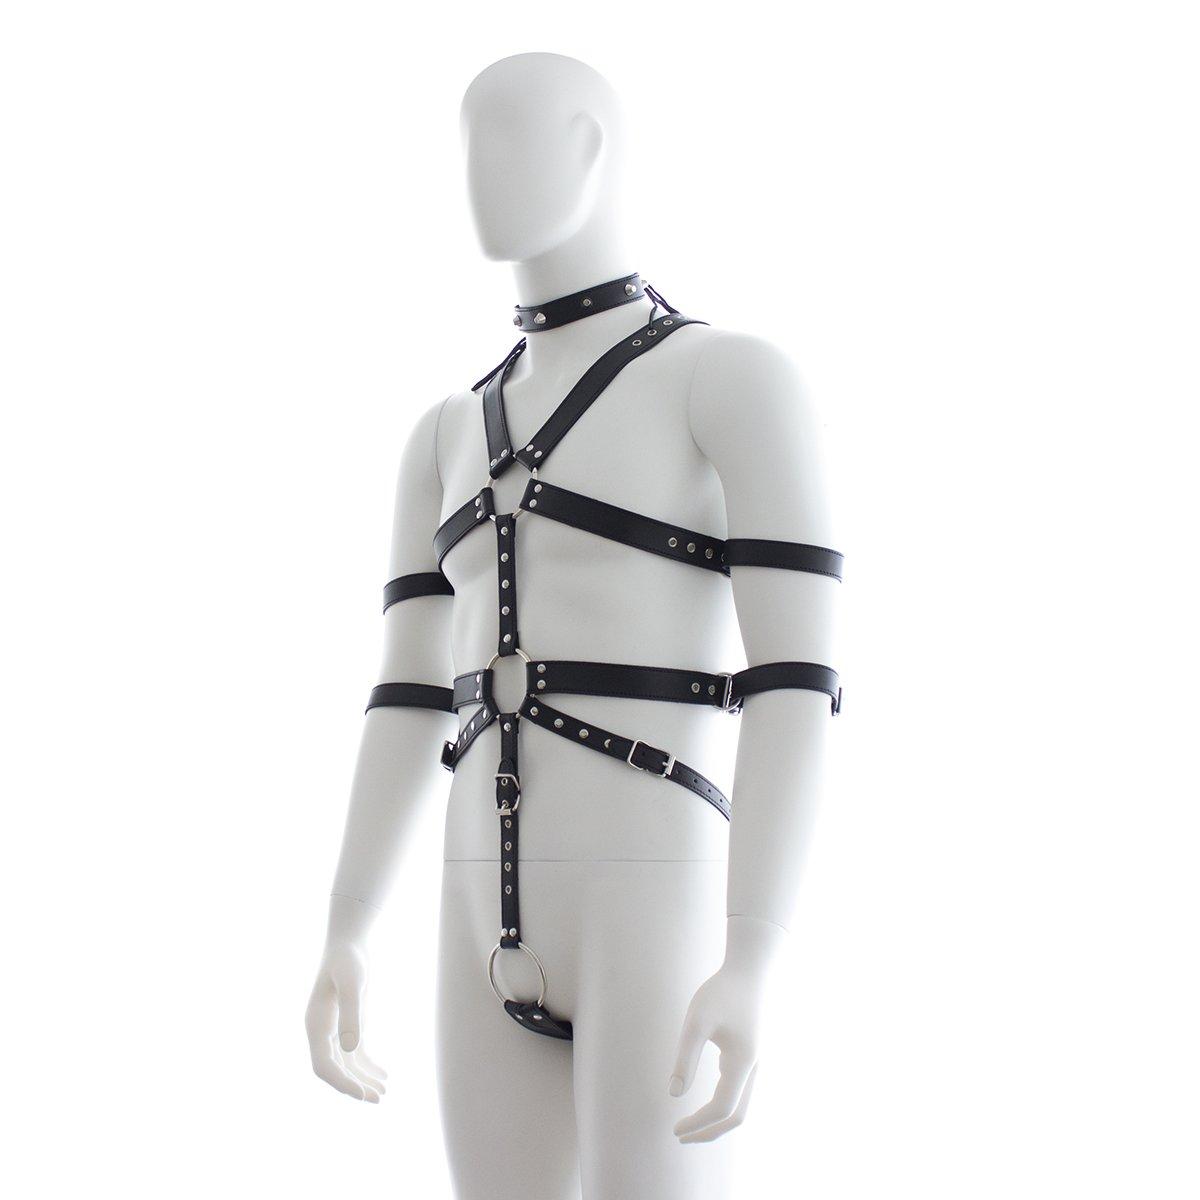 Bondage Clothing, Cinturón De Esclavitud De Cuero Negro Para Hombres, Bondage Juguete De BDSM Bondage Hombres, De Pareja adb8d1